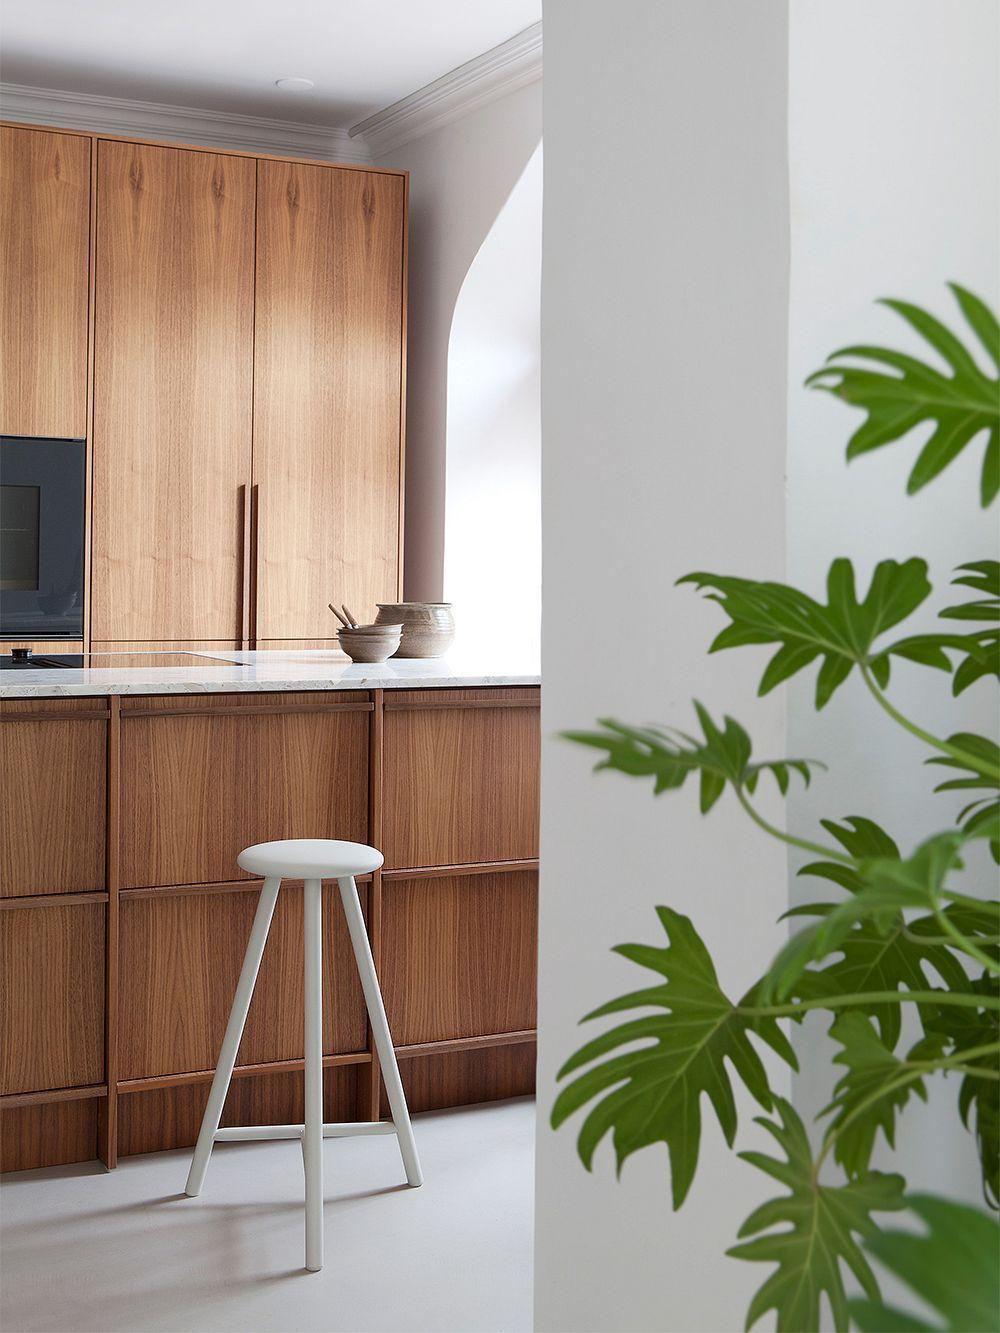 Nikari Perch bar stool 63 cm, grey